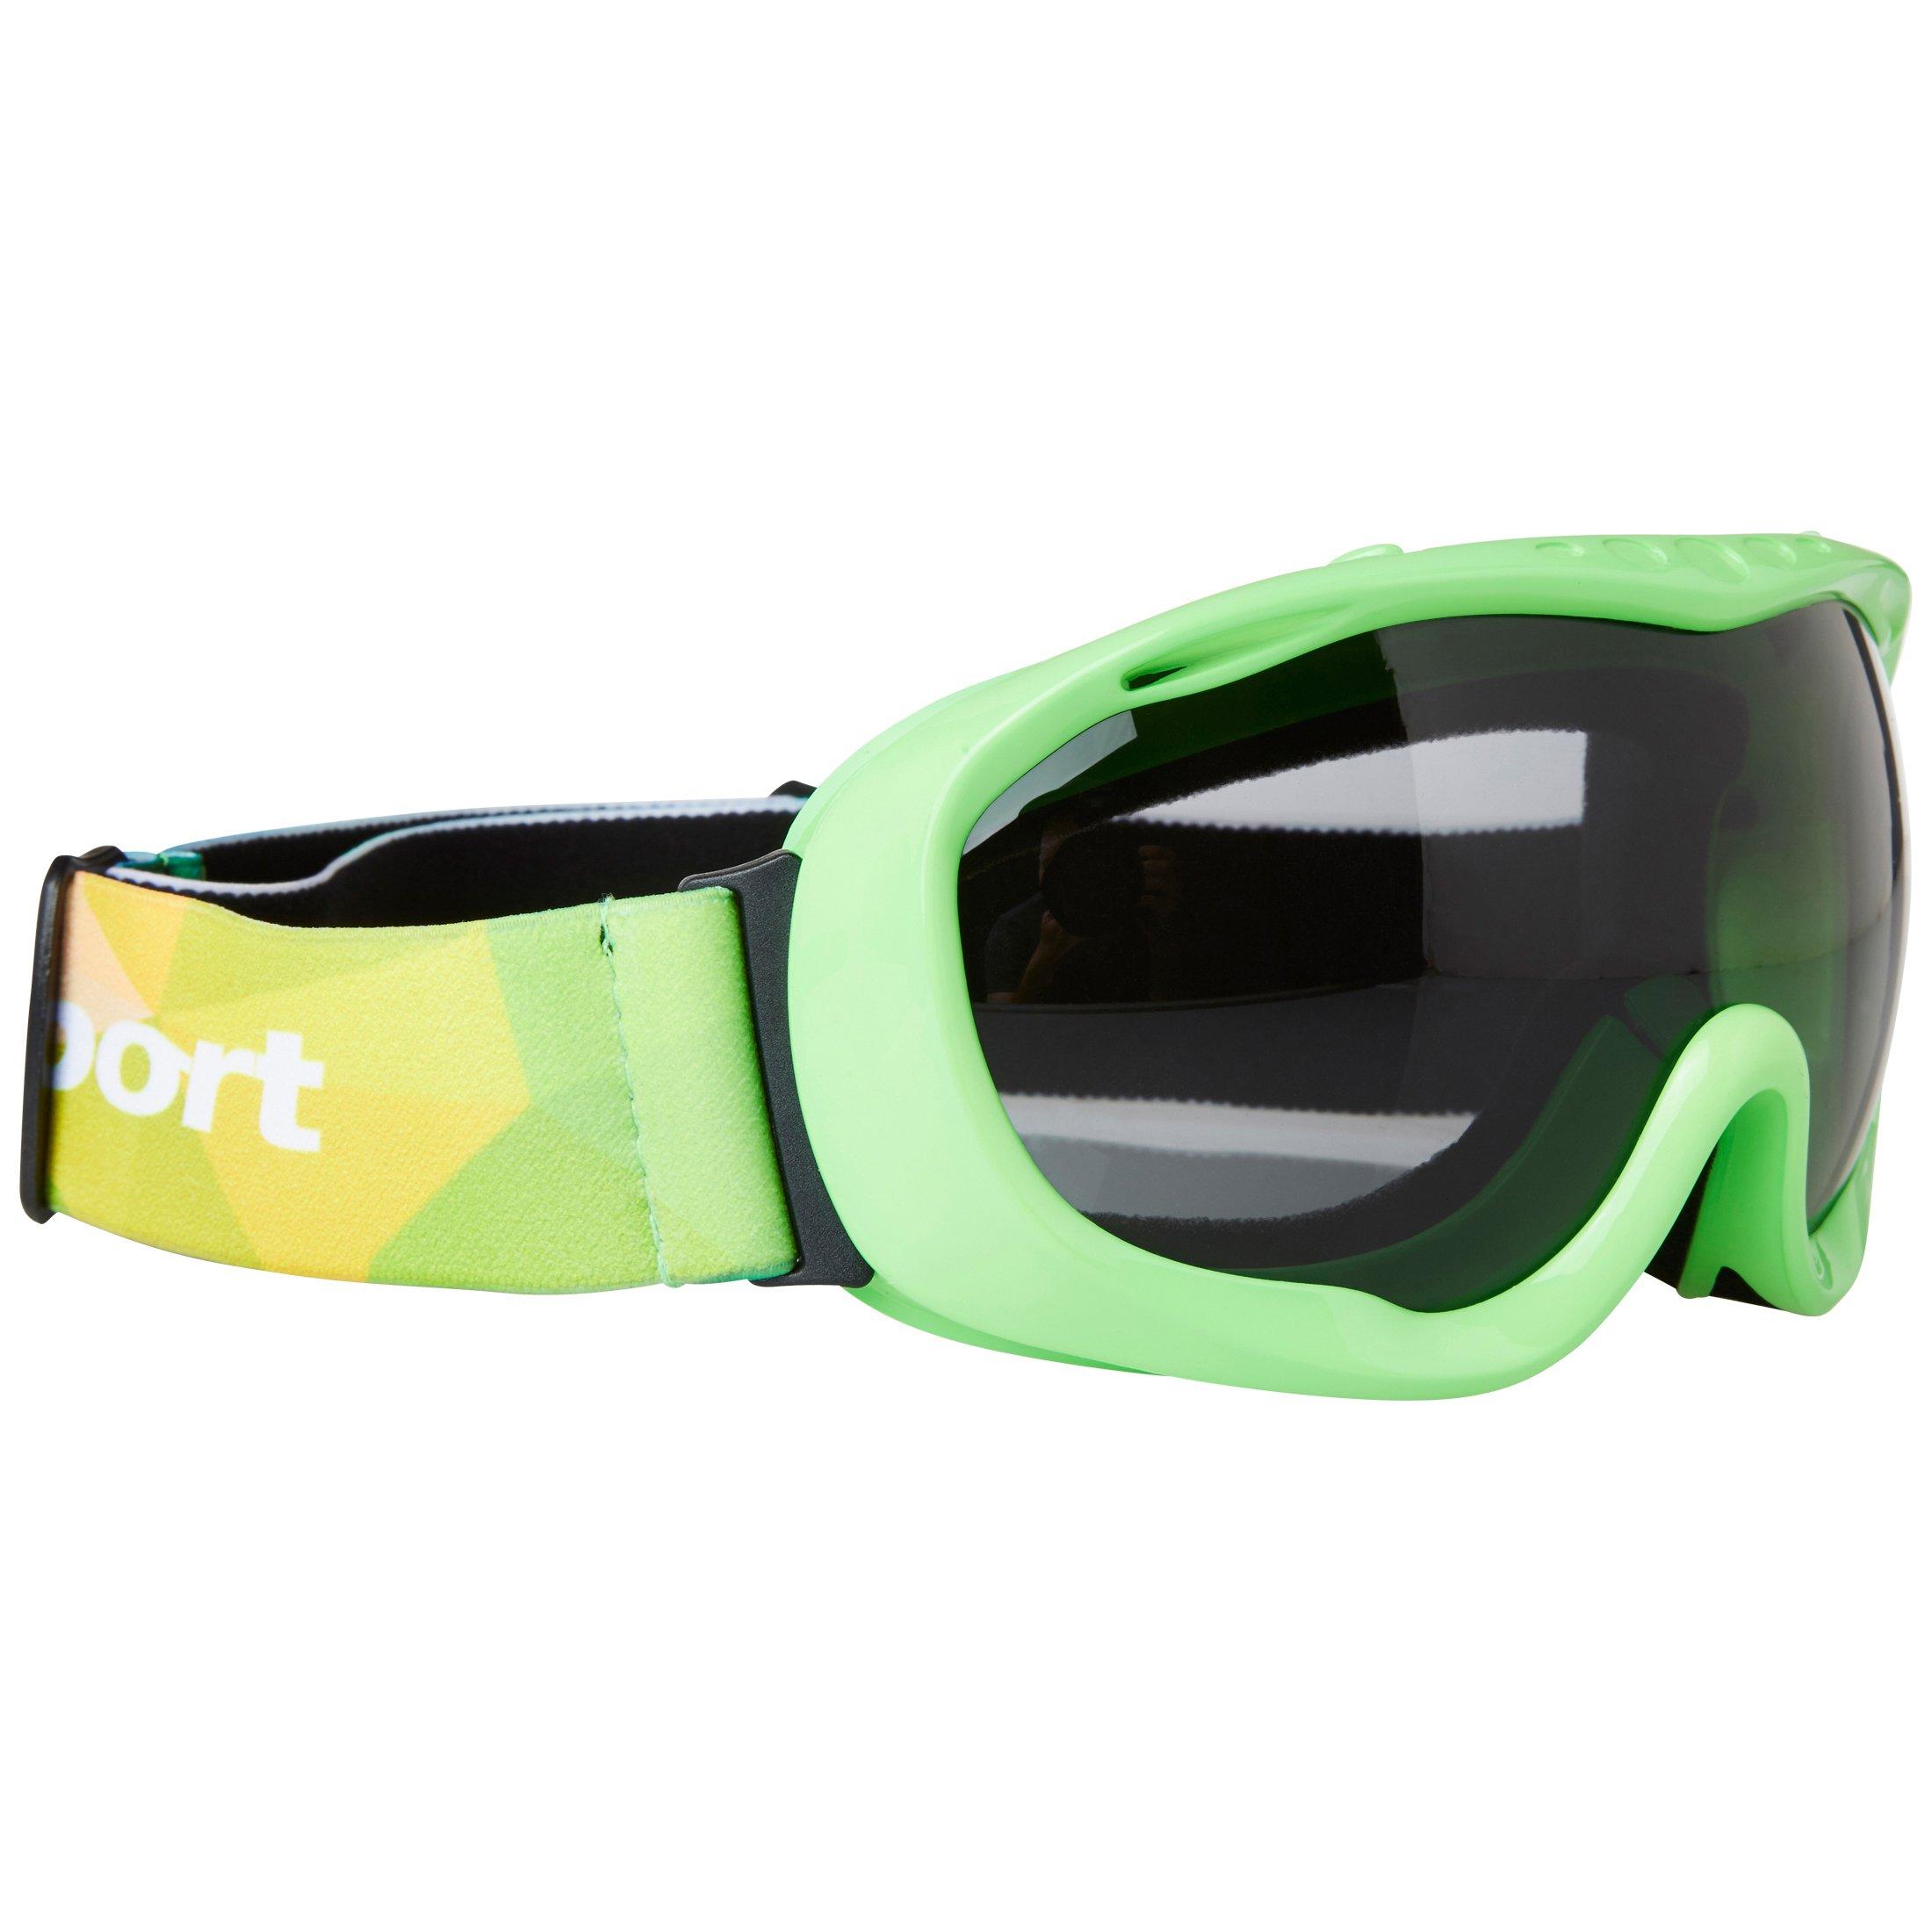 Ultrasport Skibrille / Snowboardbrille mit Antibeschlag-Scheibe, grün/grau